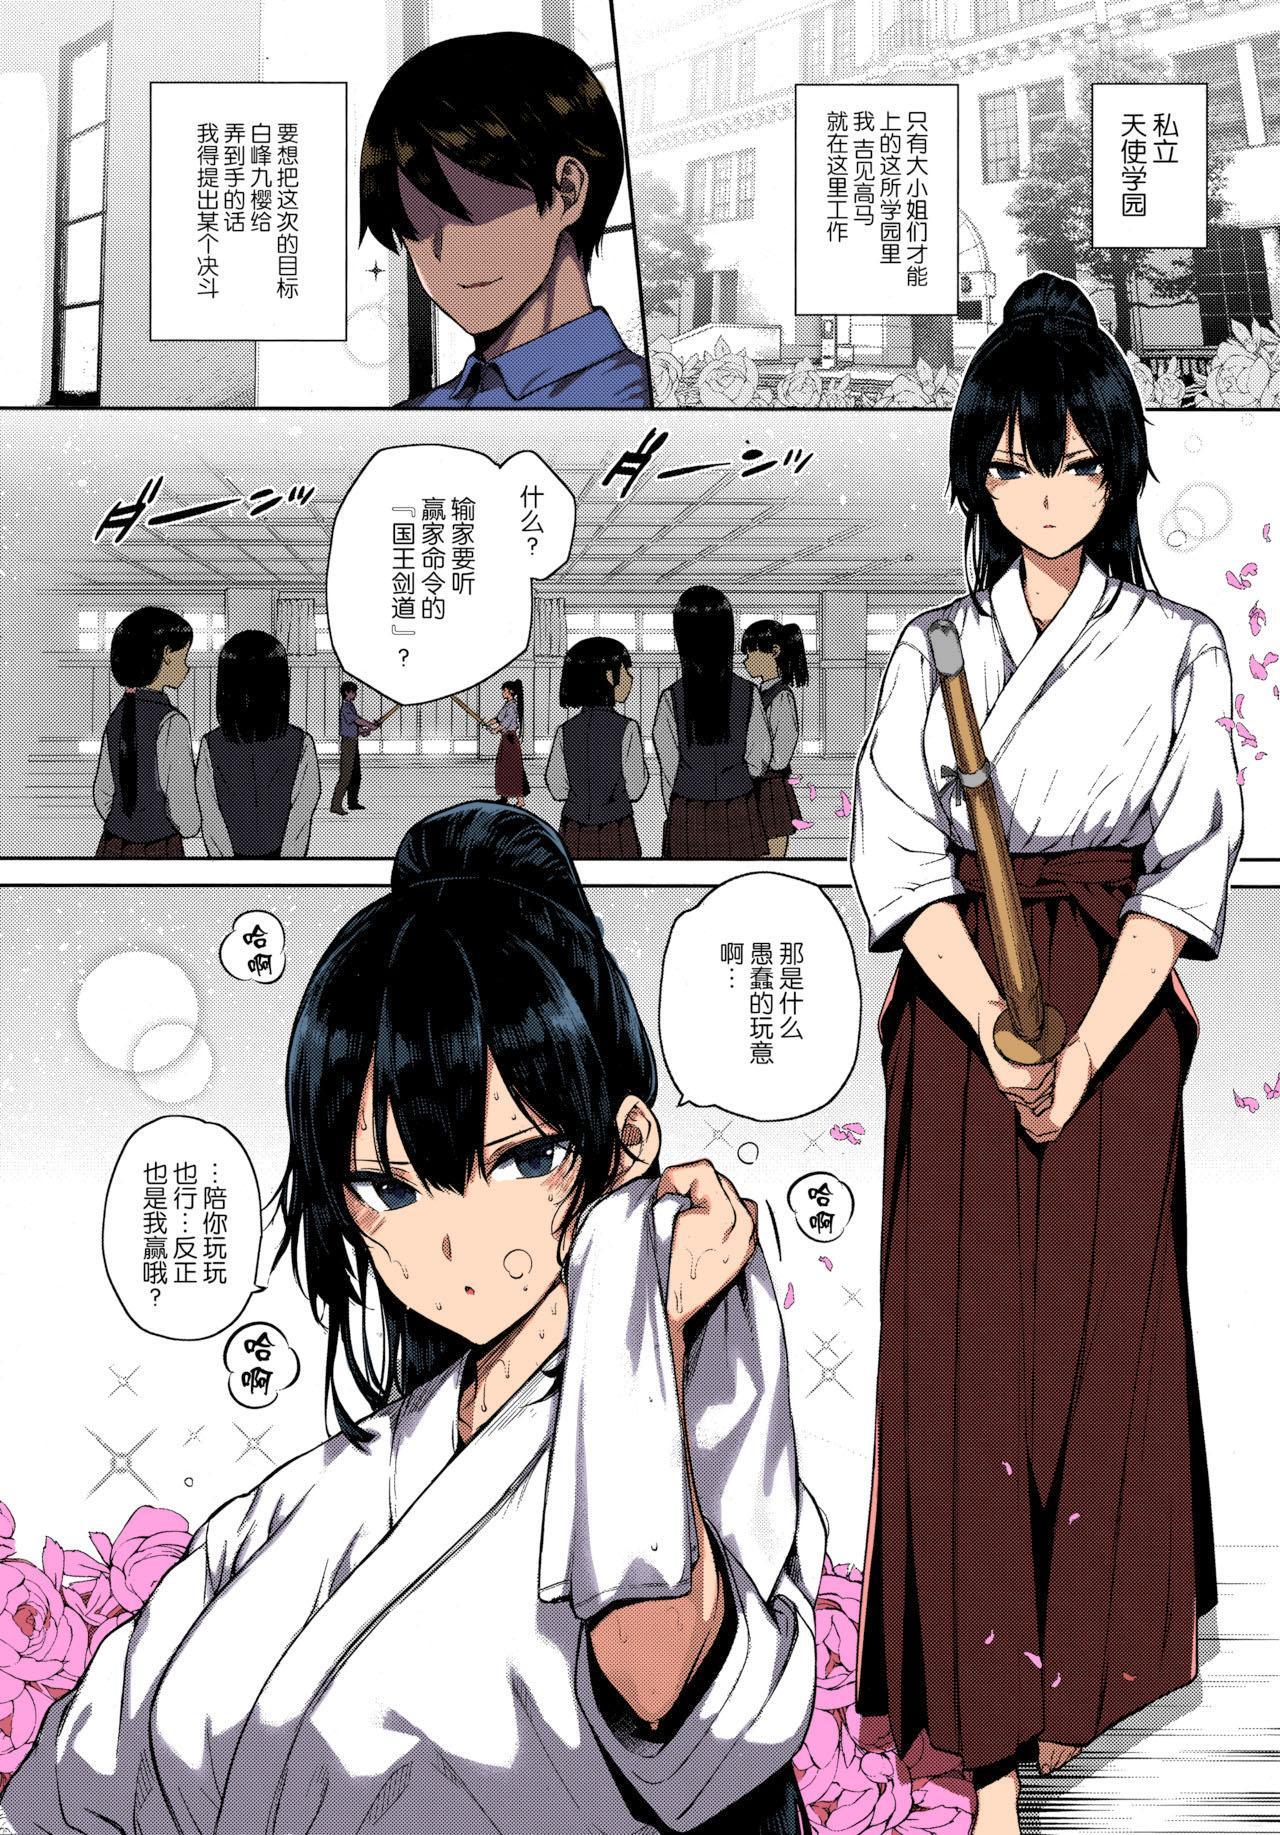 Amatsuka Gakuen no Ryoukan Seikatsu 1